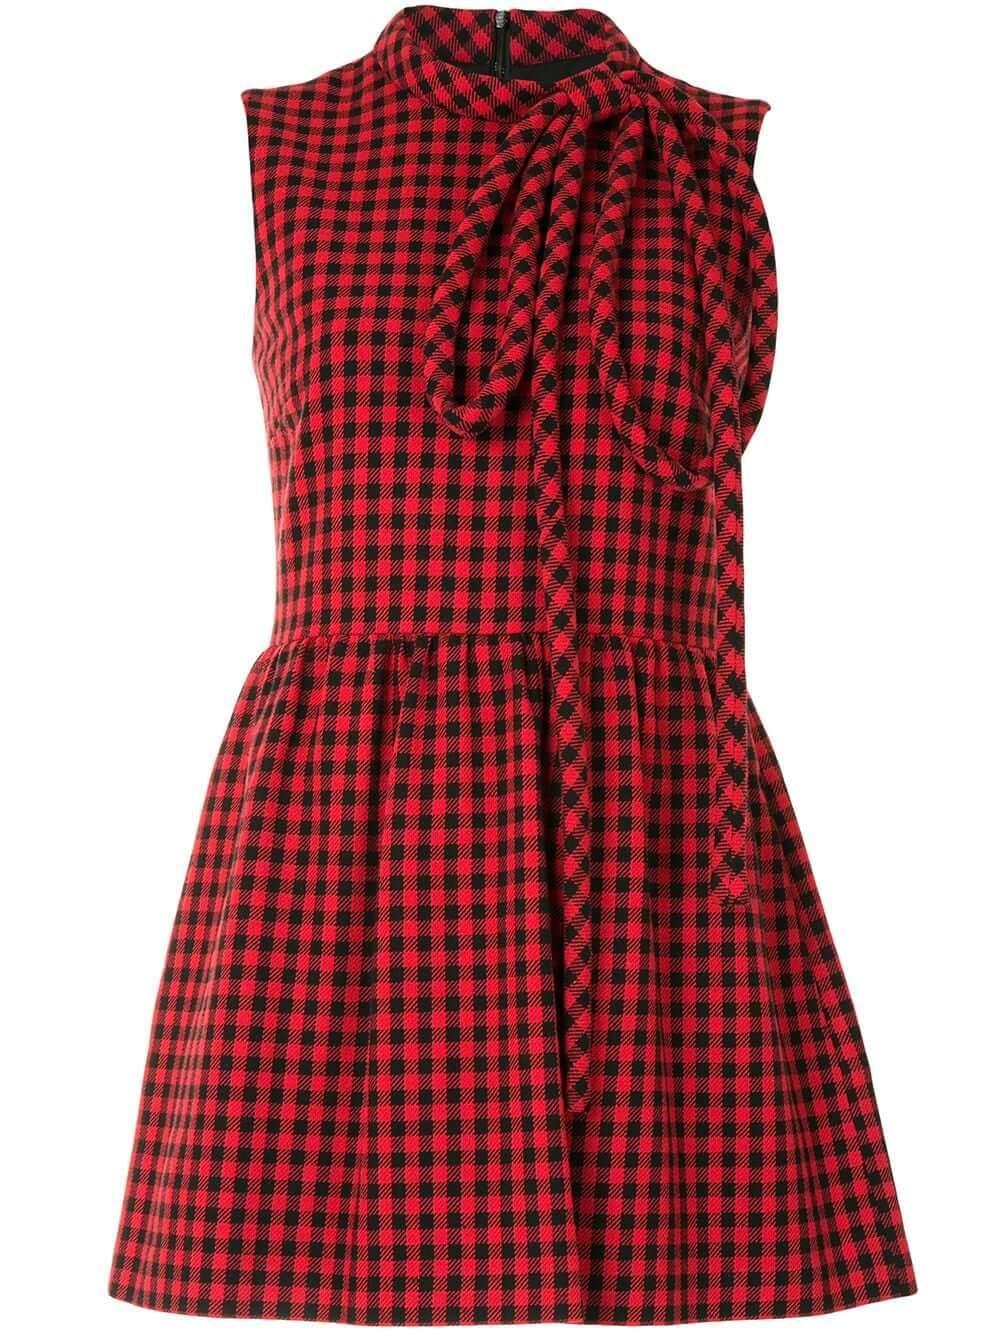 Plaid Mini Dress Item # UR3VEA9055V